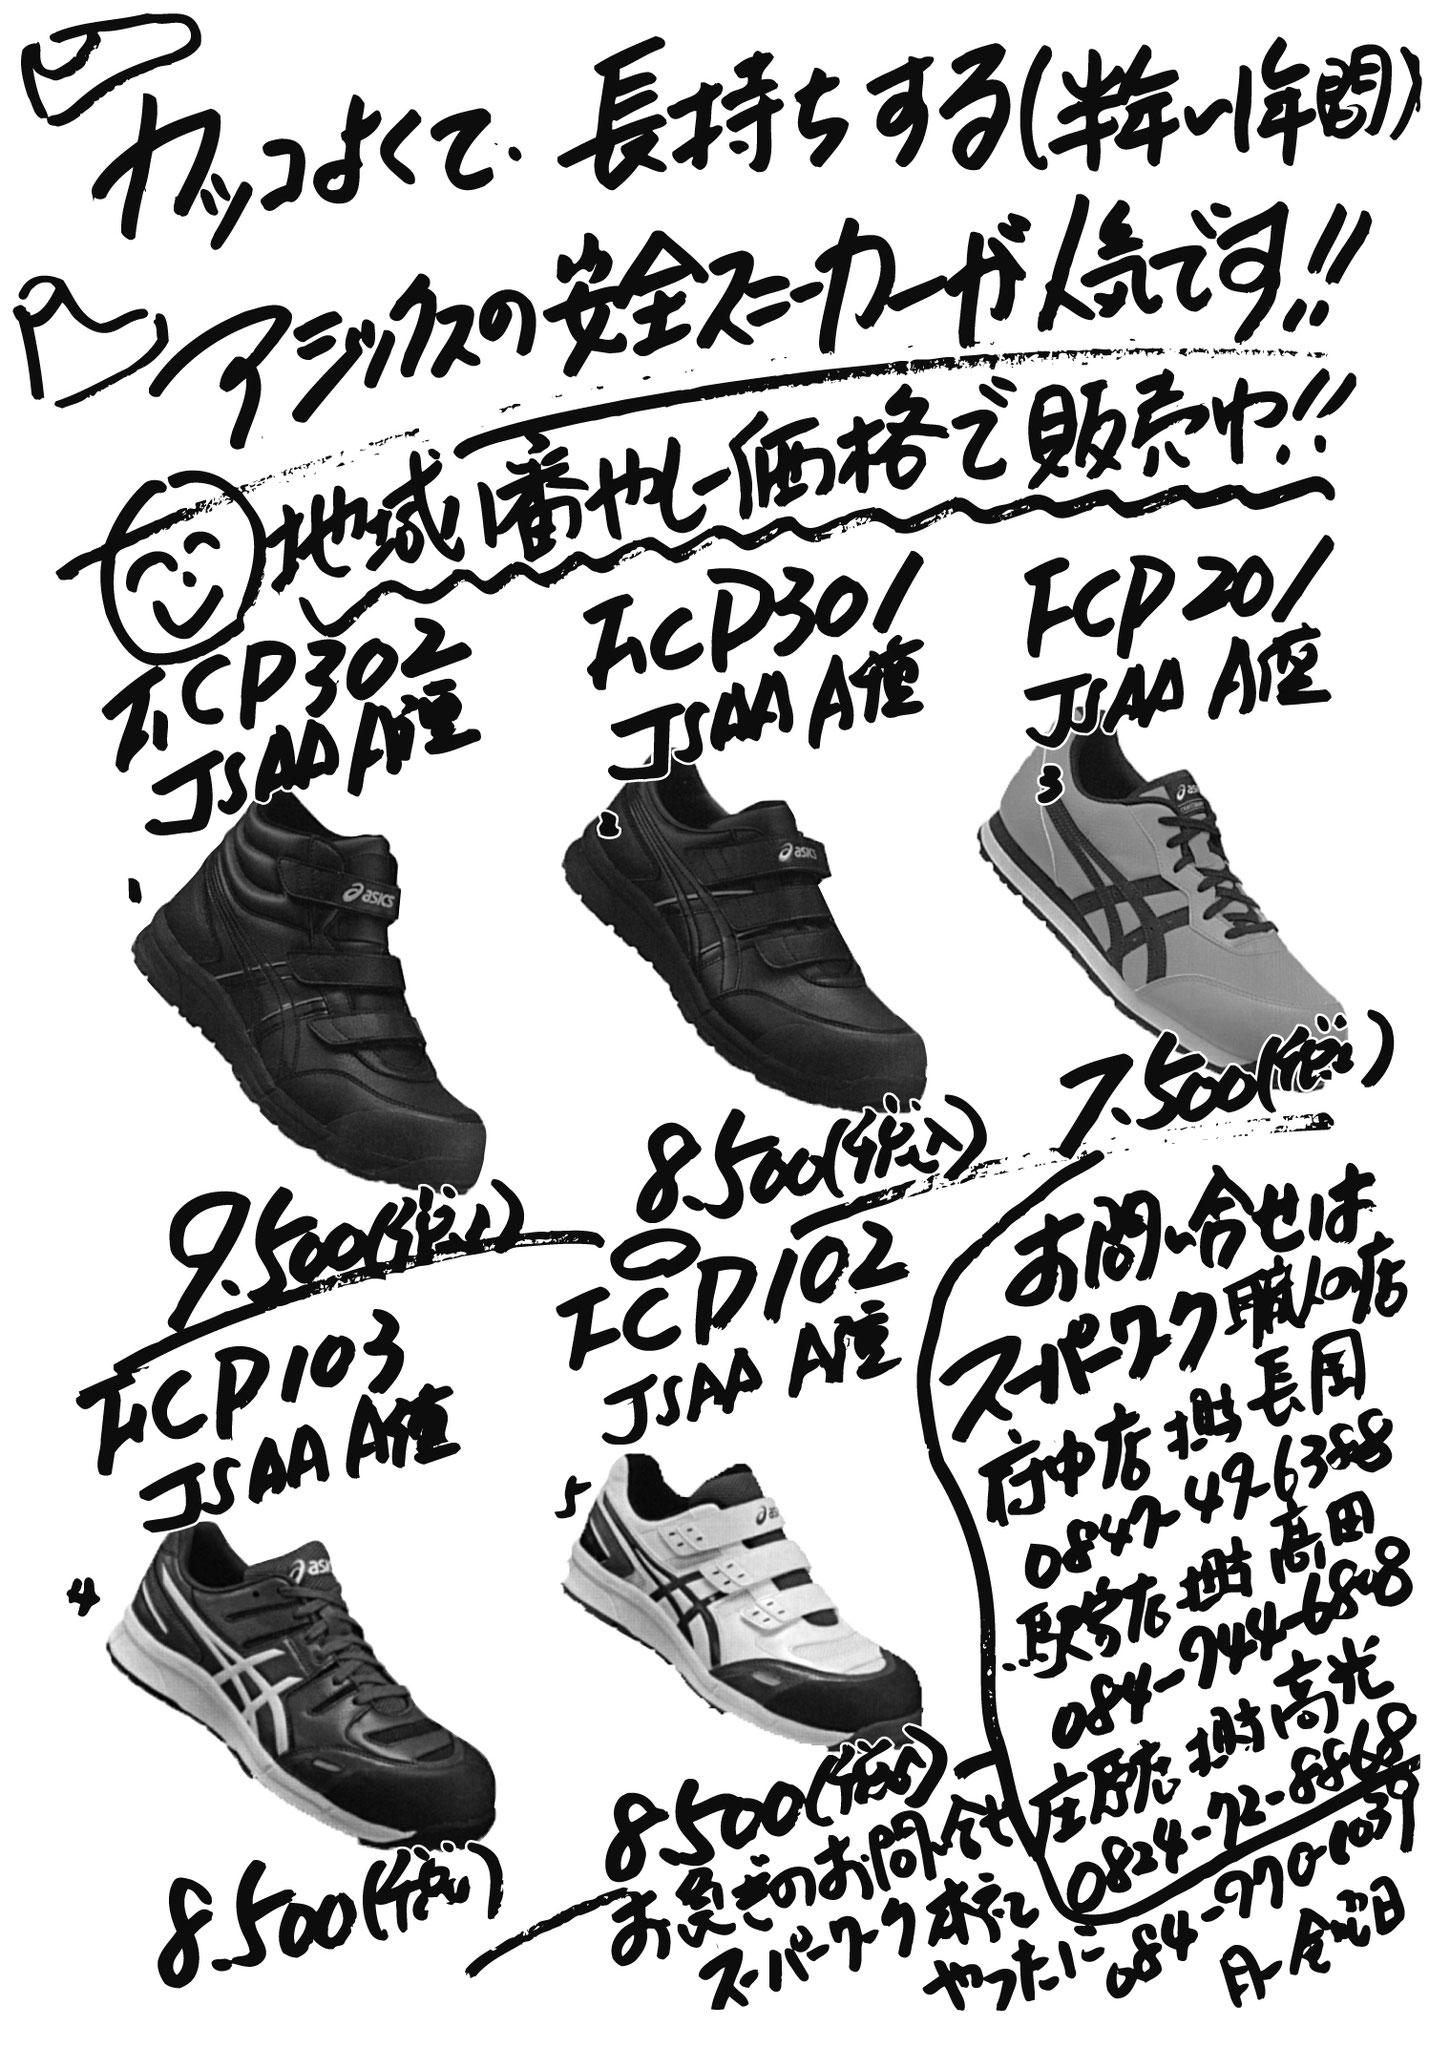 アシックス安全スニーカーを、地域1番やしー価格で販売中!!